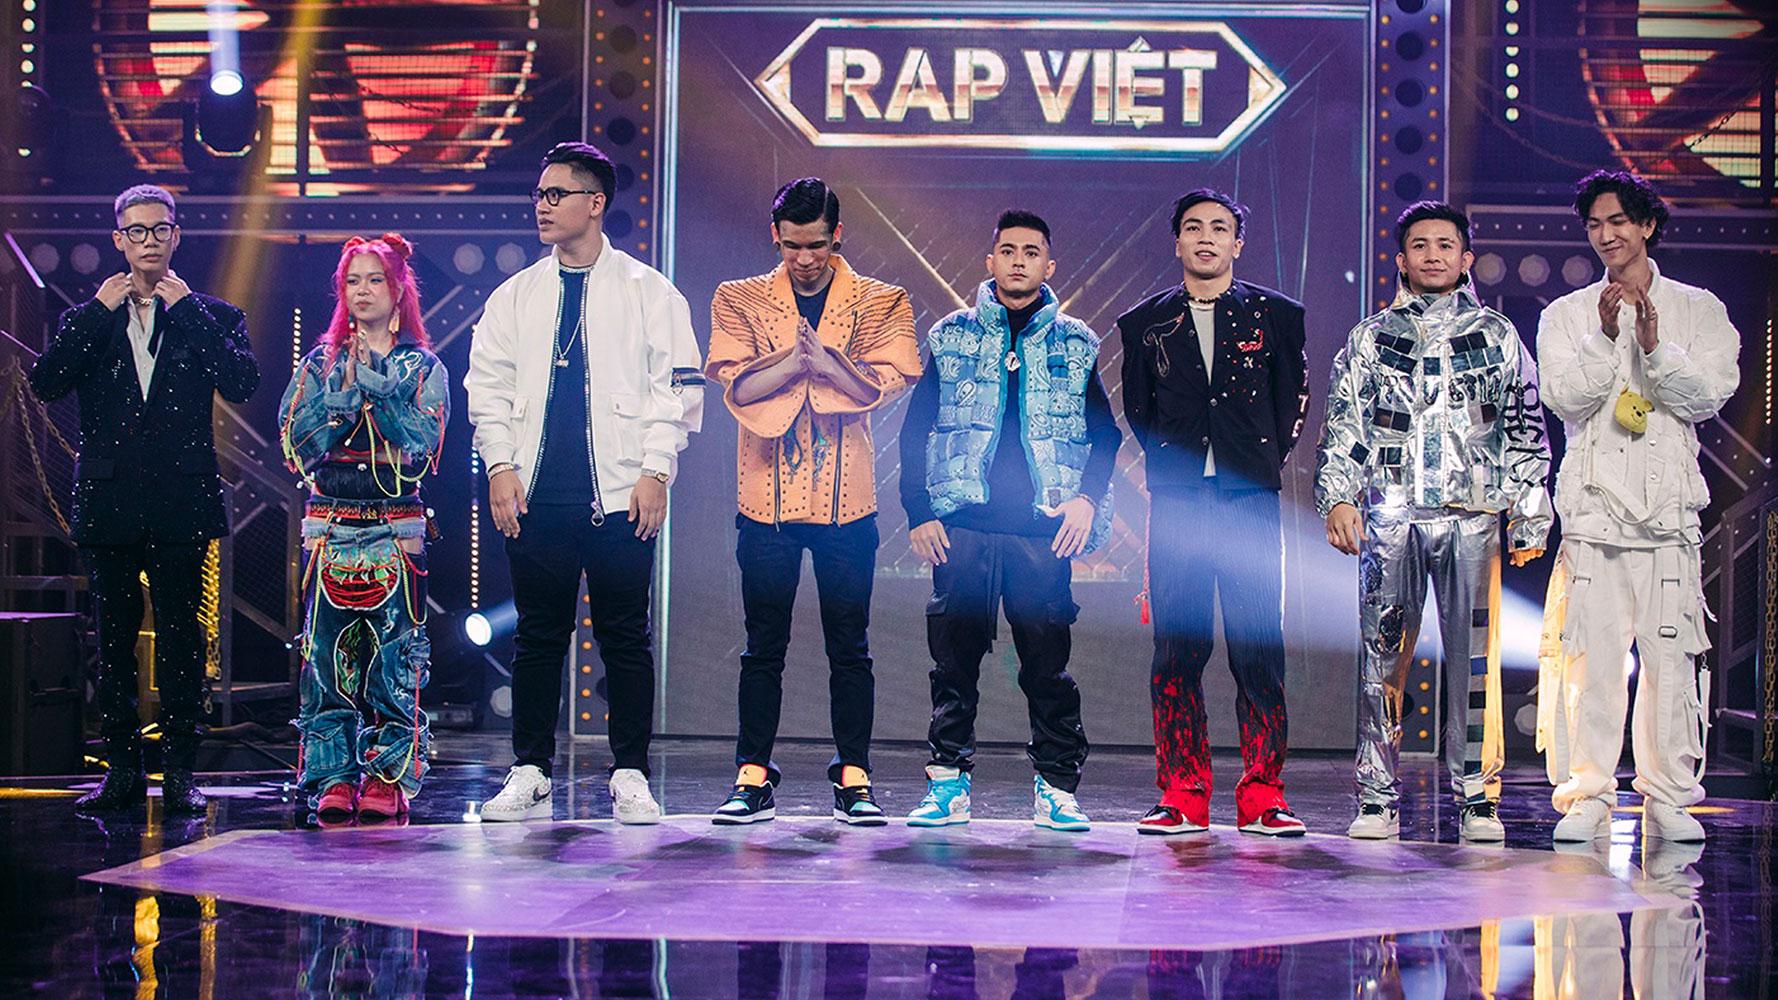 Top 8 thí sinh lọt chung kết Rap Việt 2020. Họ đều diện trang phục hypebeast đậm chất athleisure và streetwear. Ảnh: Vie Channel